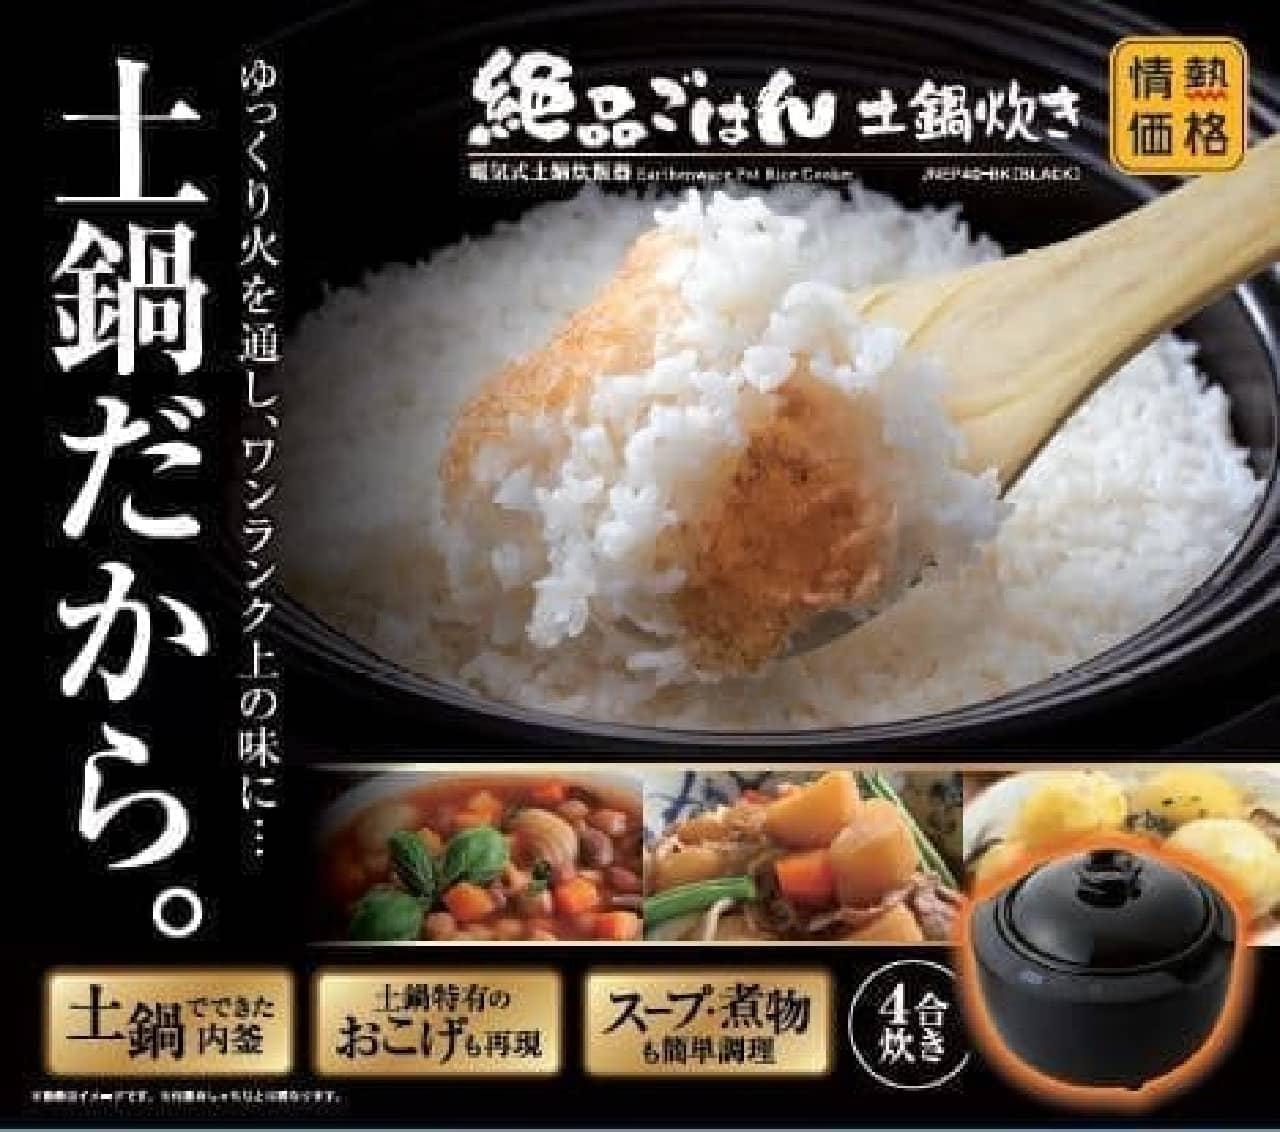 ドン・キホーテ「絶品ごはん 土鍋炊き」